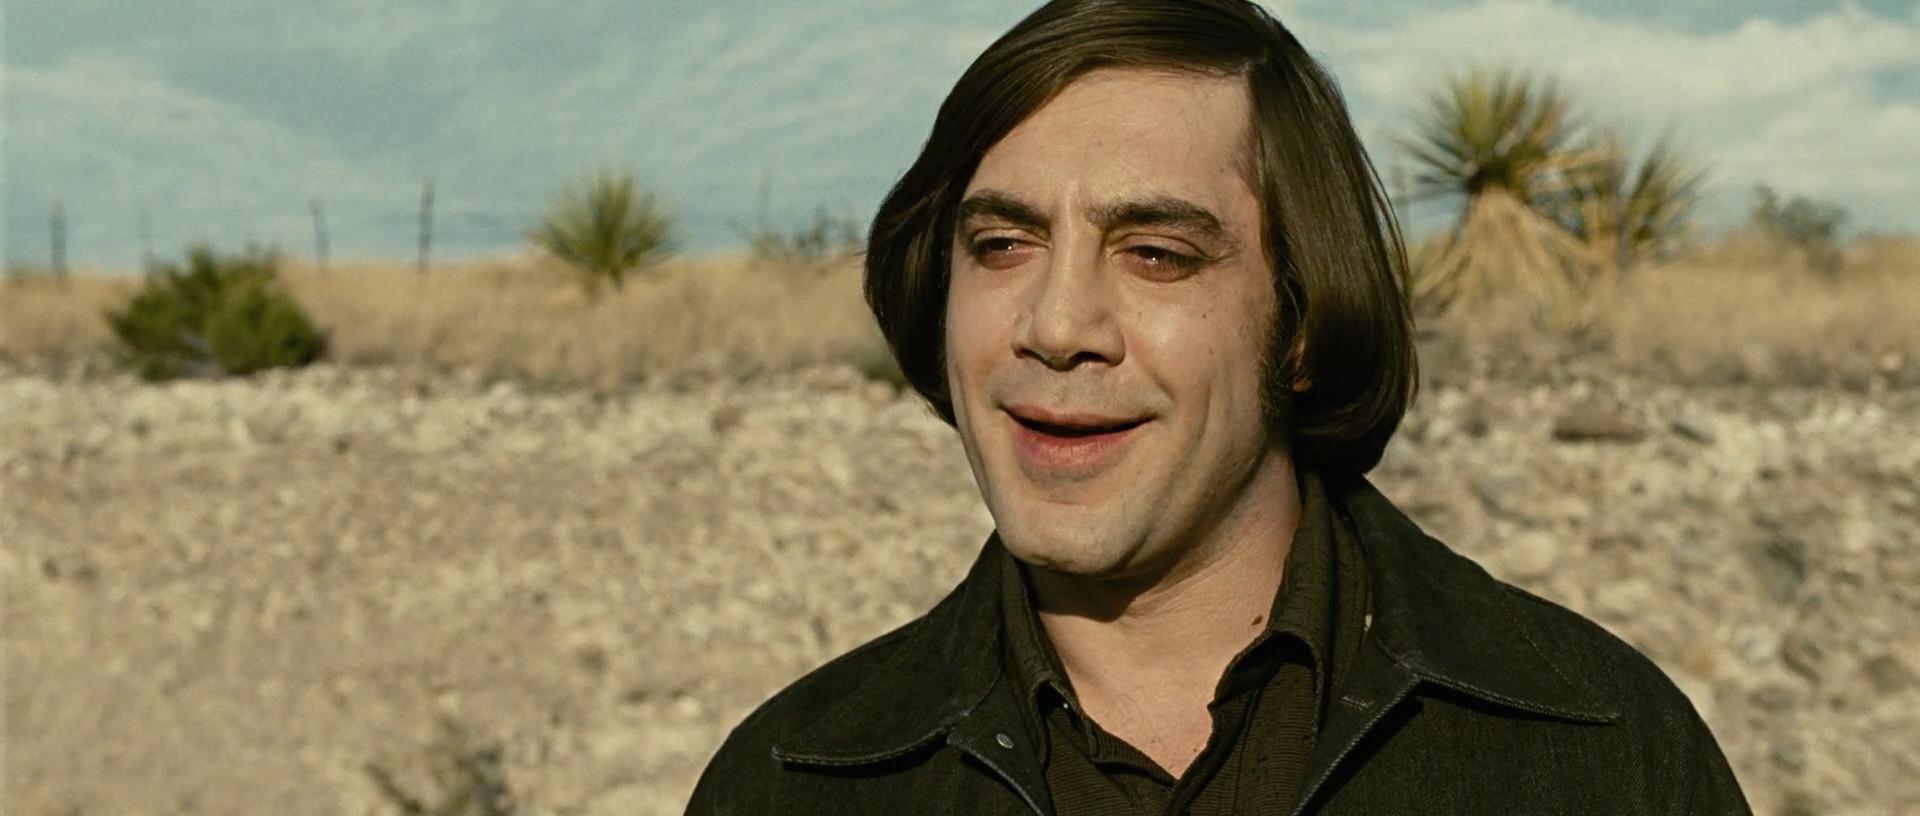 Javier Bardem avec une coupe de cheveux immonde et un sourire dérangeant